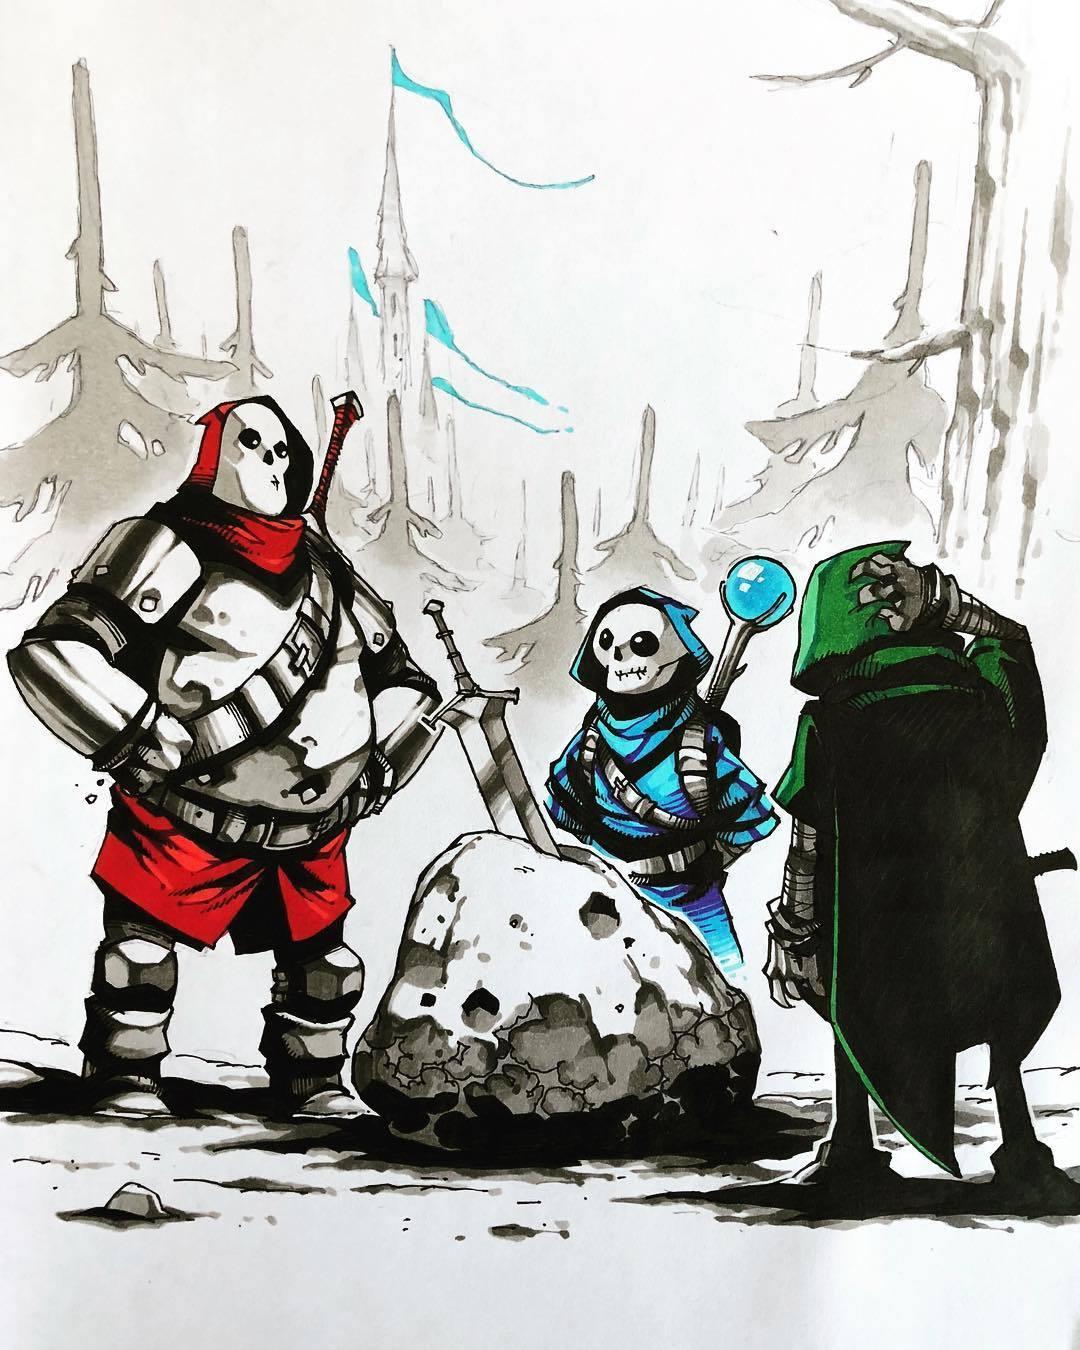 Похитители мечей. - Изображение 14